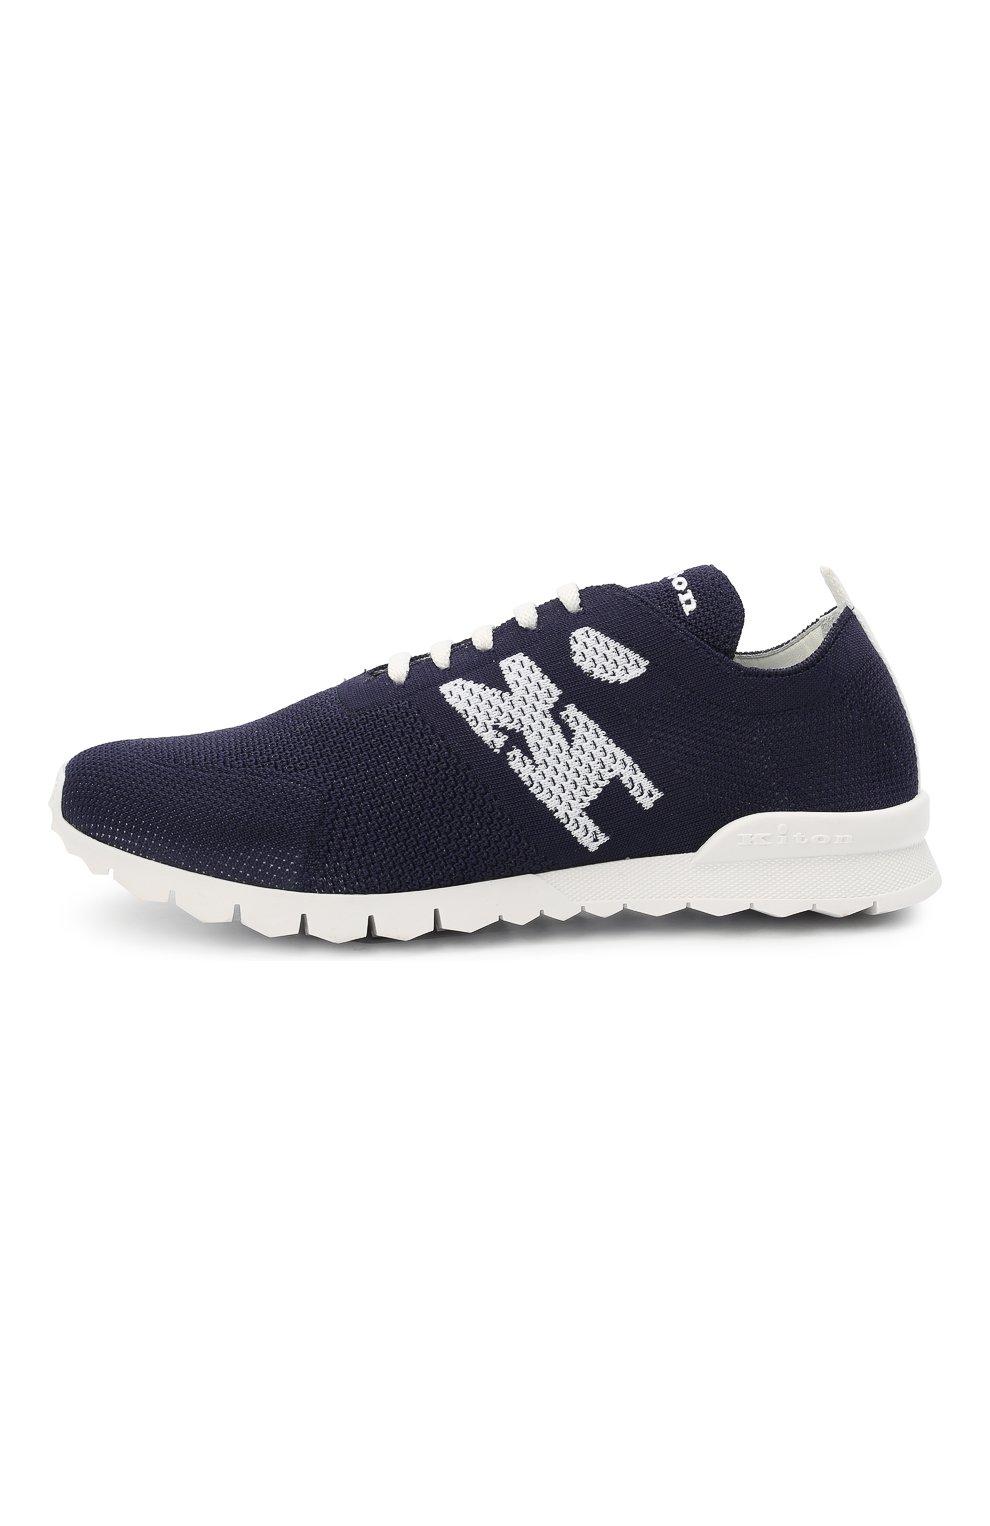 Мужские текстильные кроссовки KITON темно-синего цвета, арт. USSKD0TN00819 | Фото 3 (Материал внешний: Текстиль; Материал внутренний: Натуральная кожа; Подошва: Массивная; Стили: Спорт)